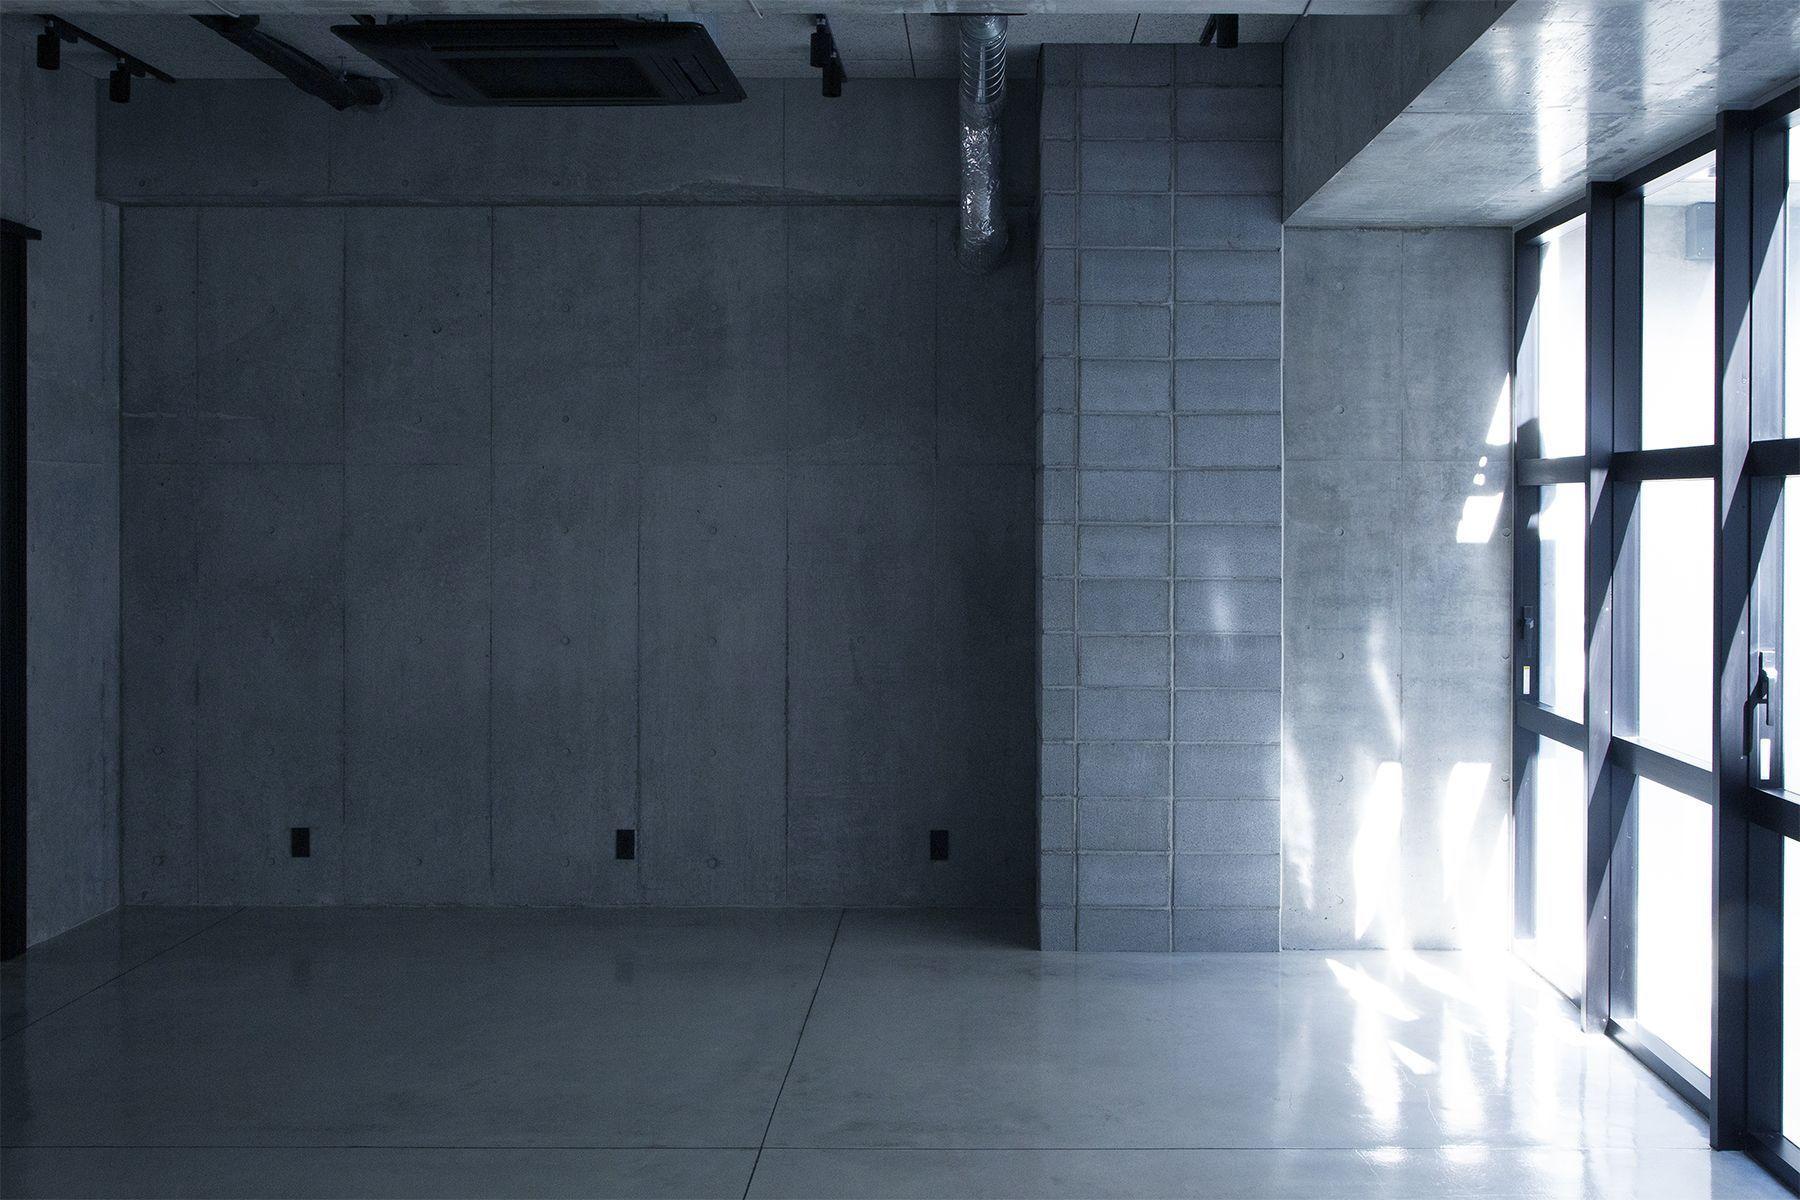 OPRCT Space C (オプレクト)コンクリートの壁方面 / 北北東方角